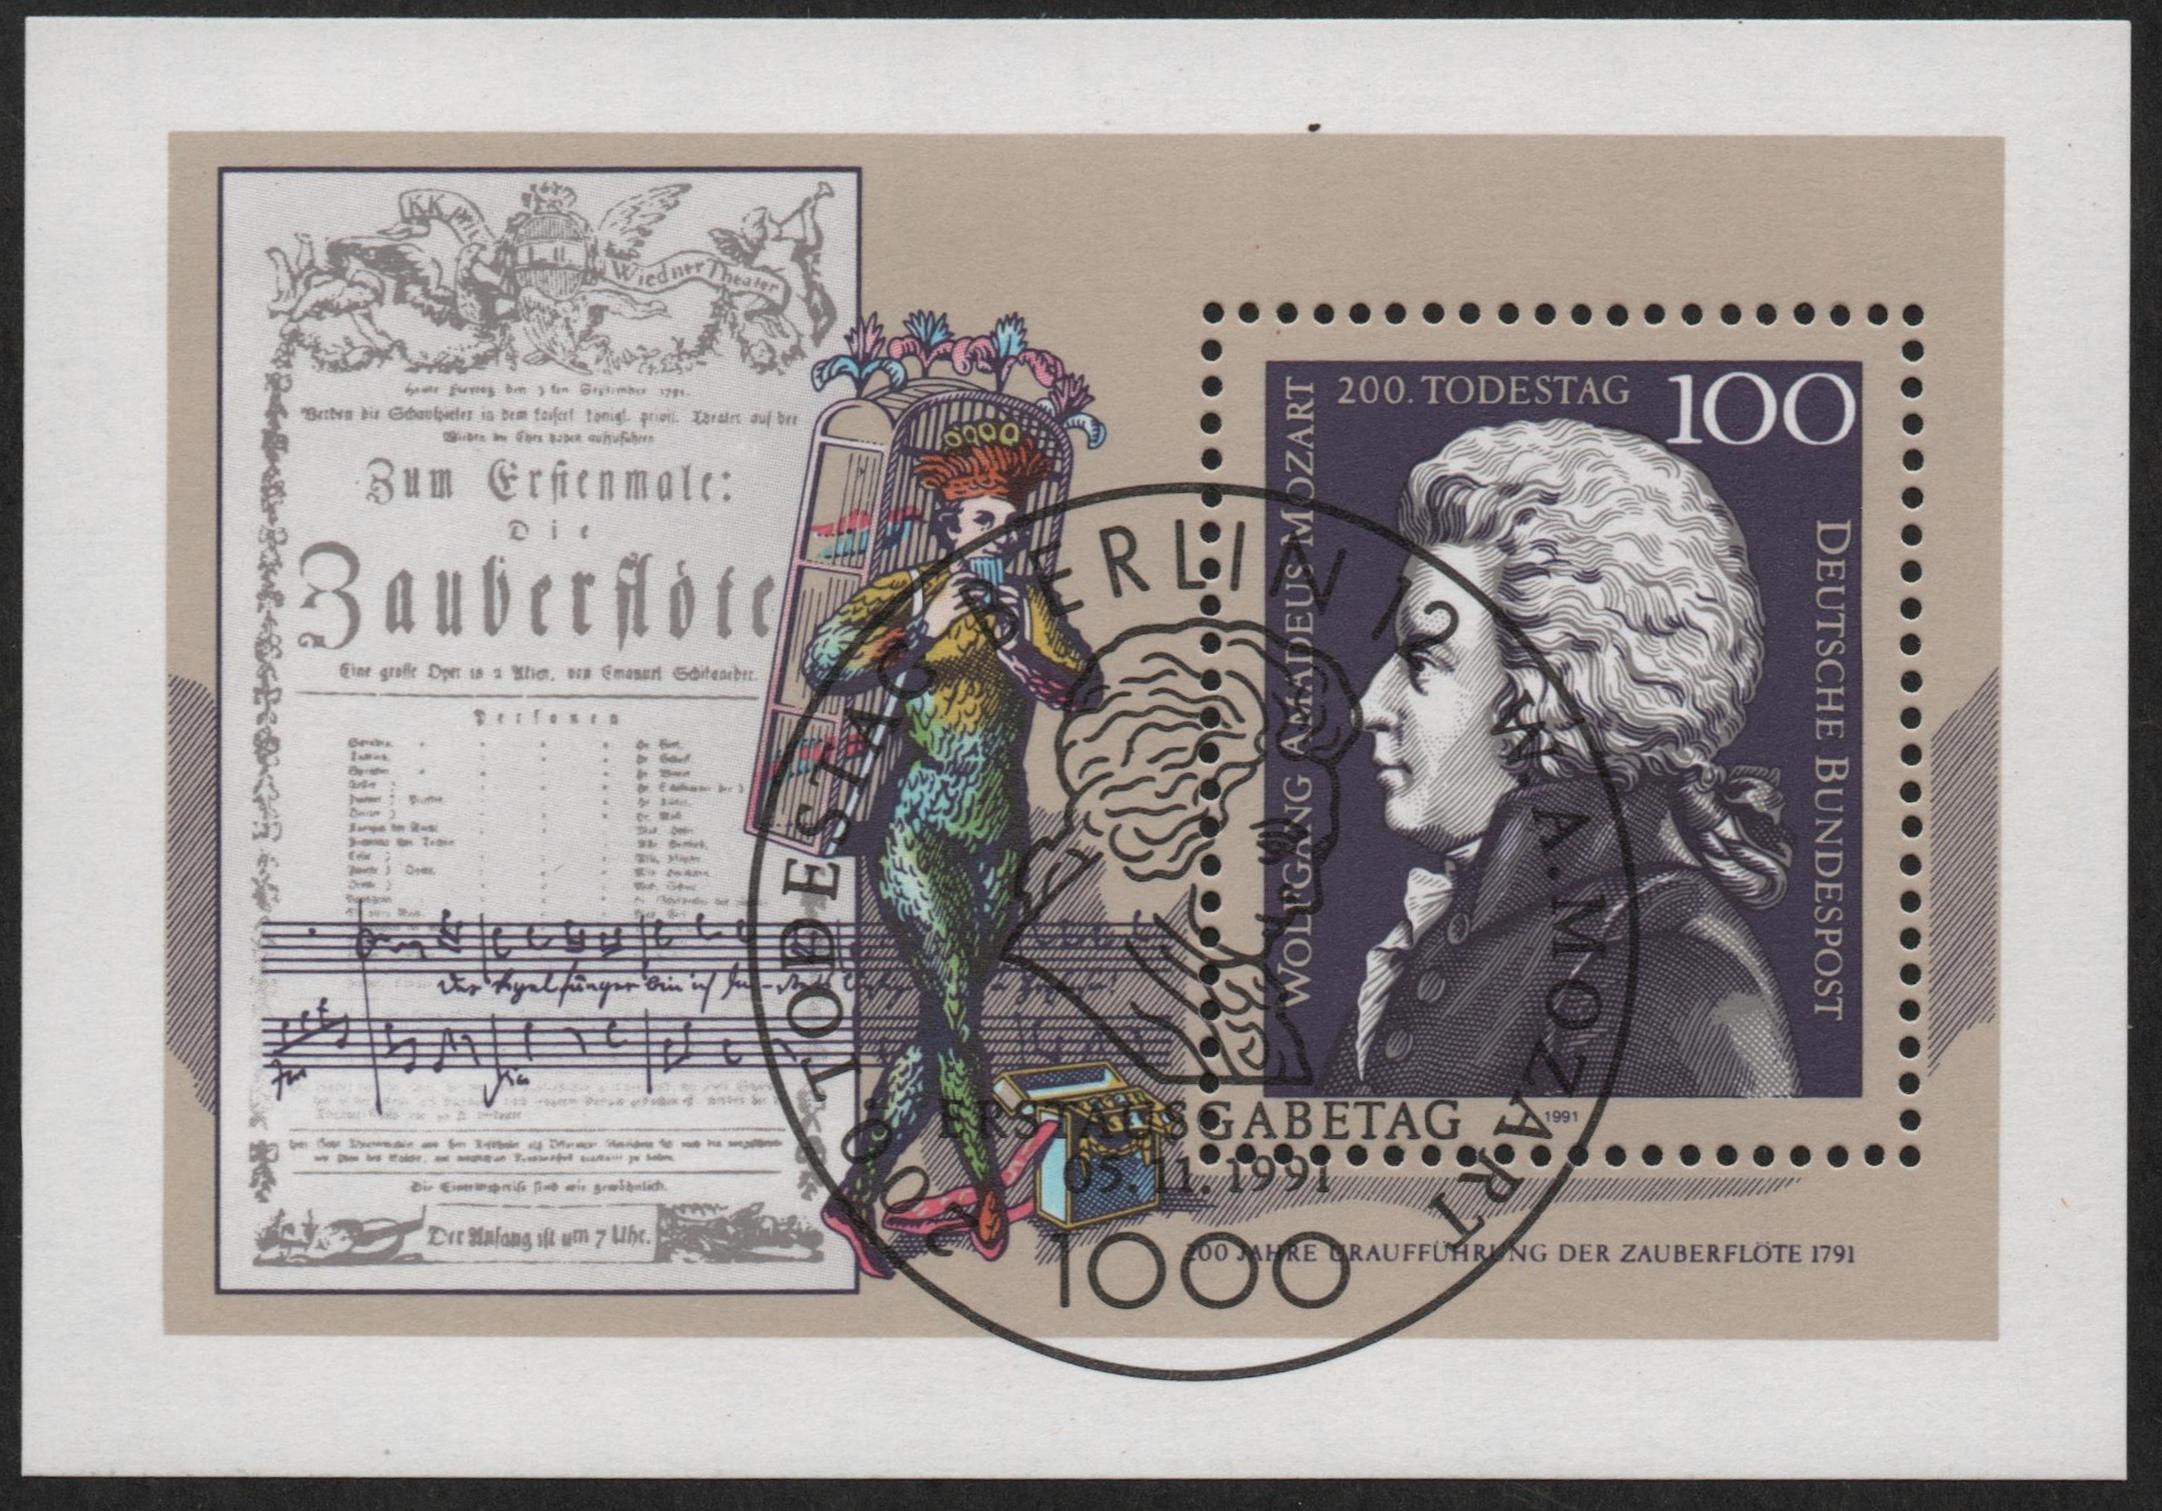 Germany - Scott #1691 (1991)